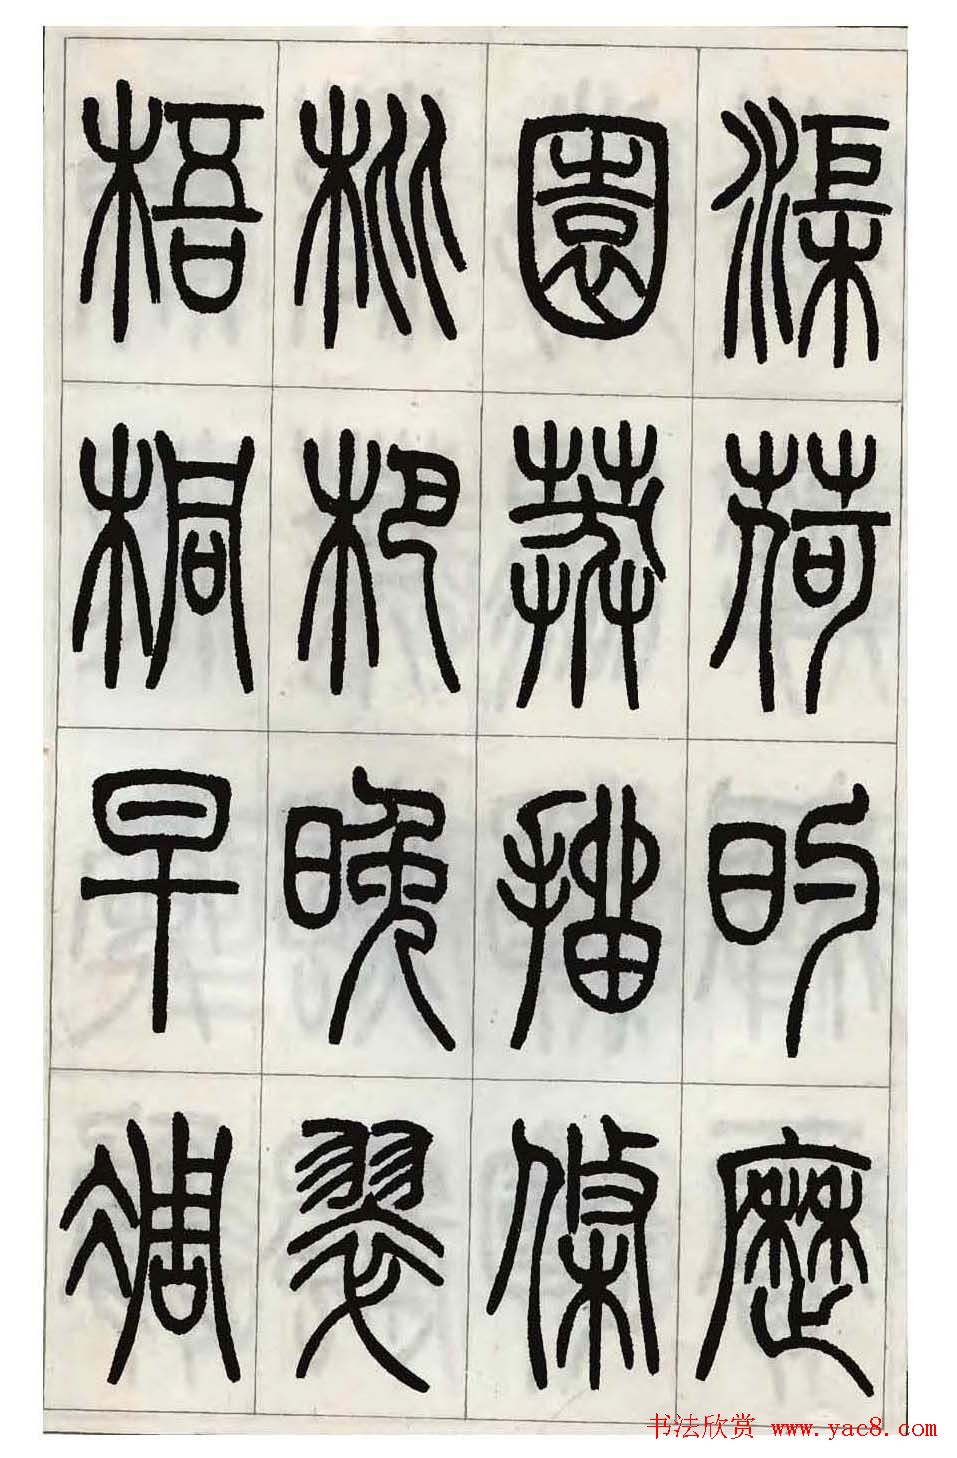 张永明小篆书法欣赏 千字文 第49页 篆书字帖 书法欣赏